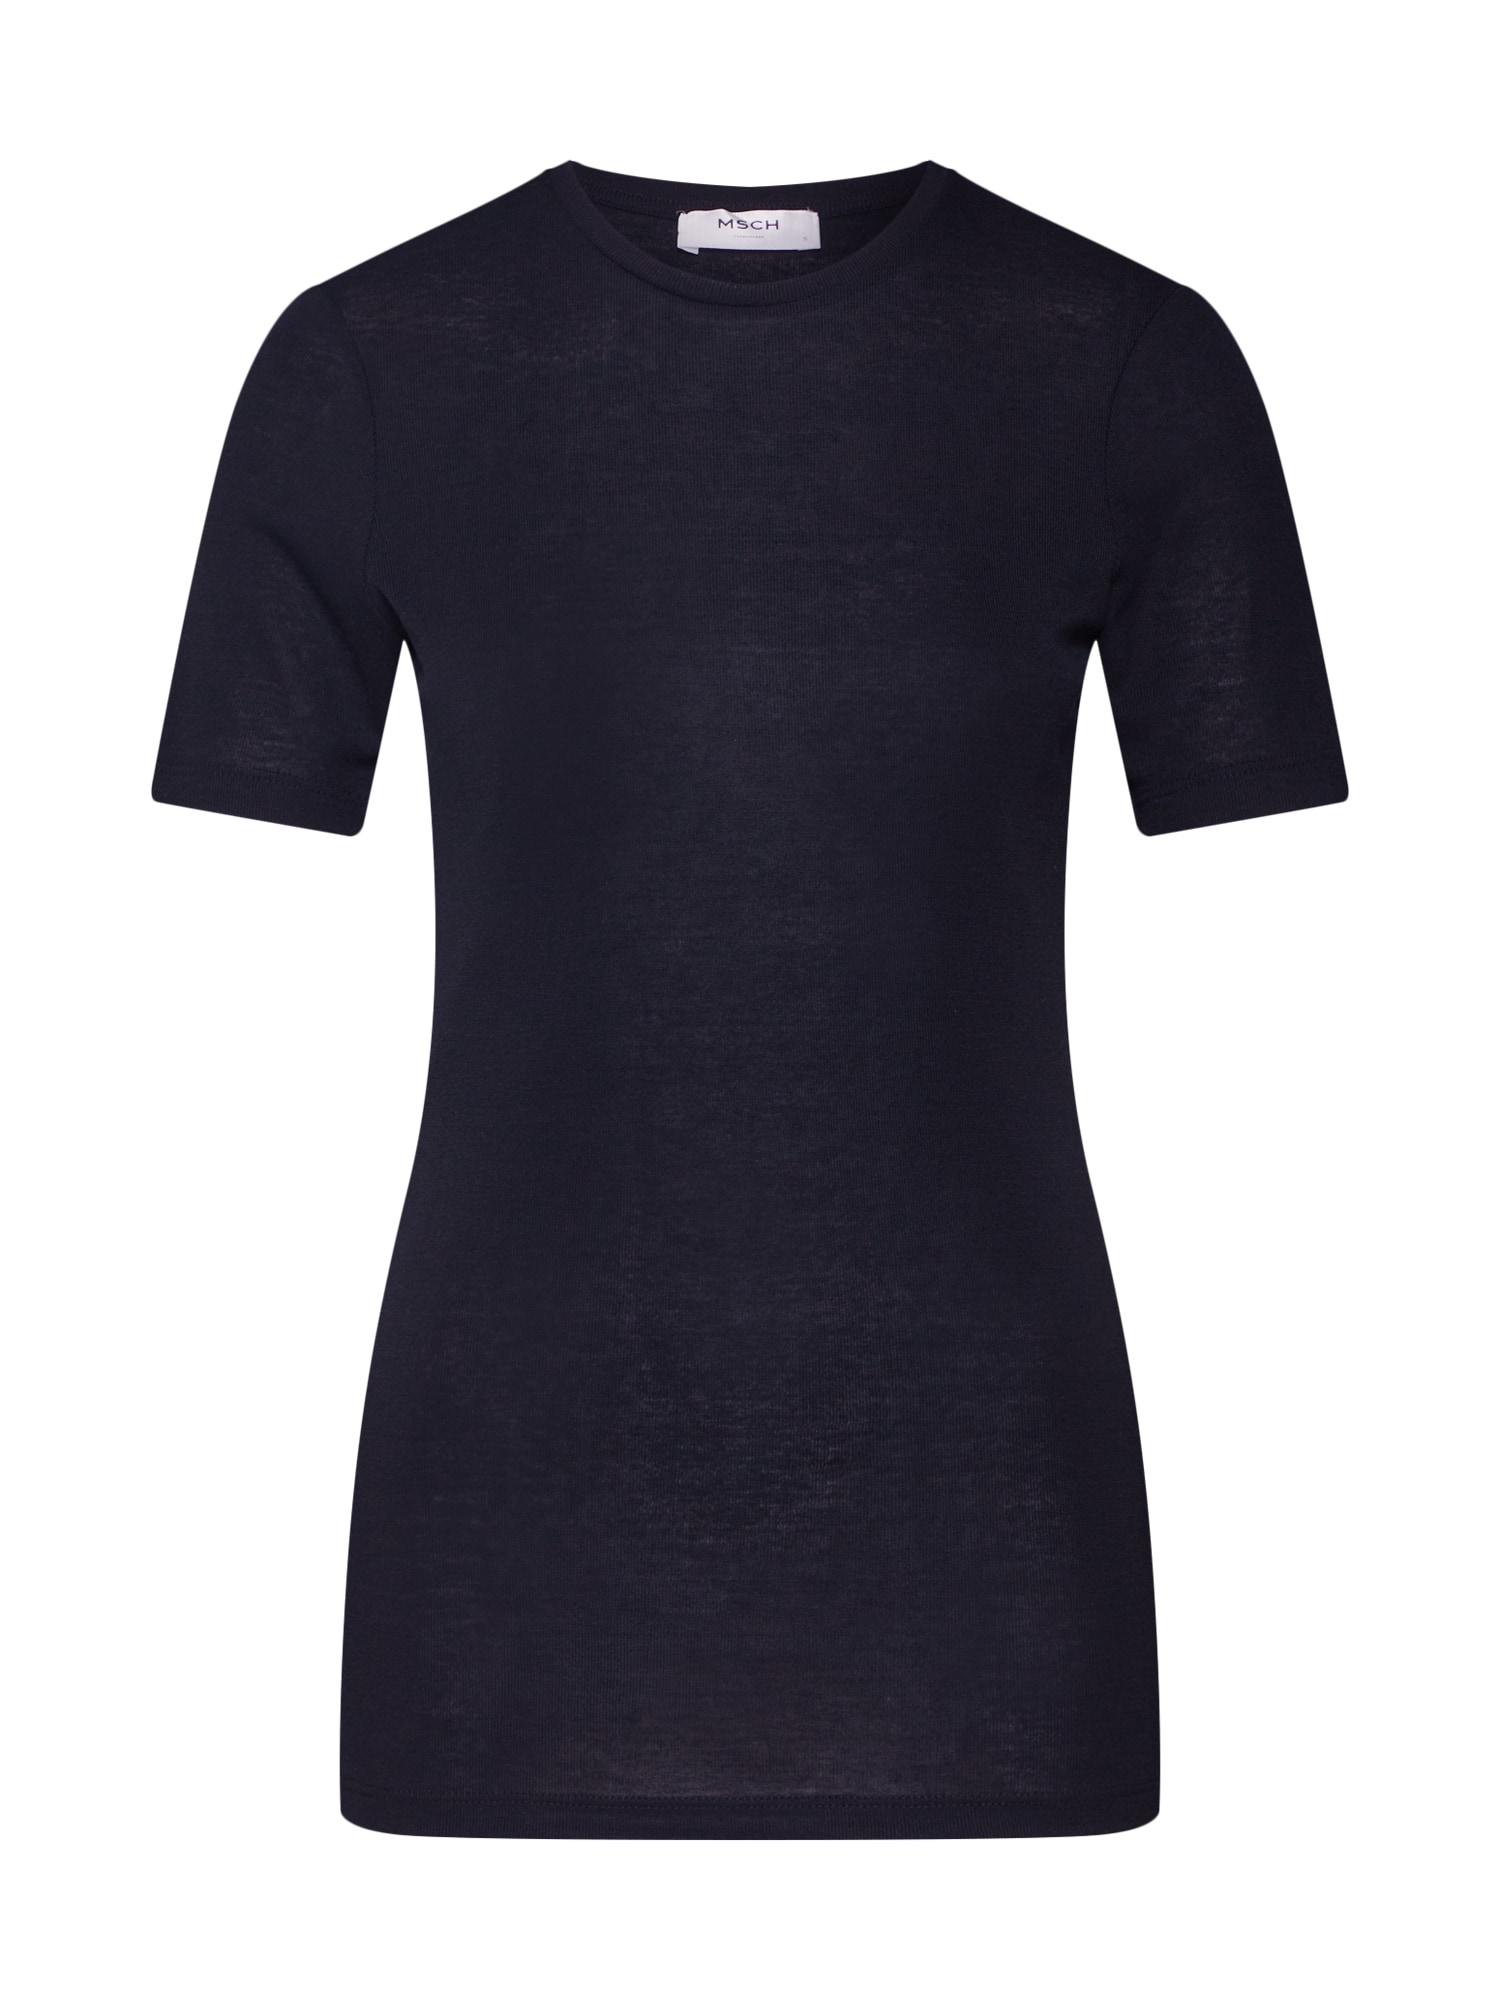 MOSS COPENHAGEN Marškinėliai 'Mona' juoda